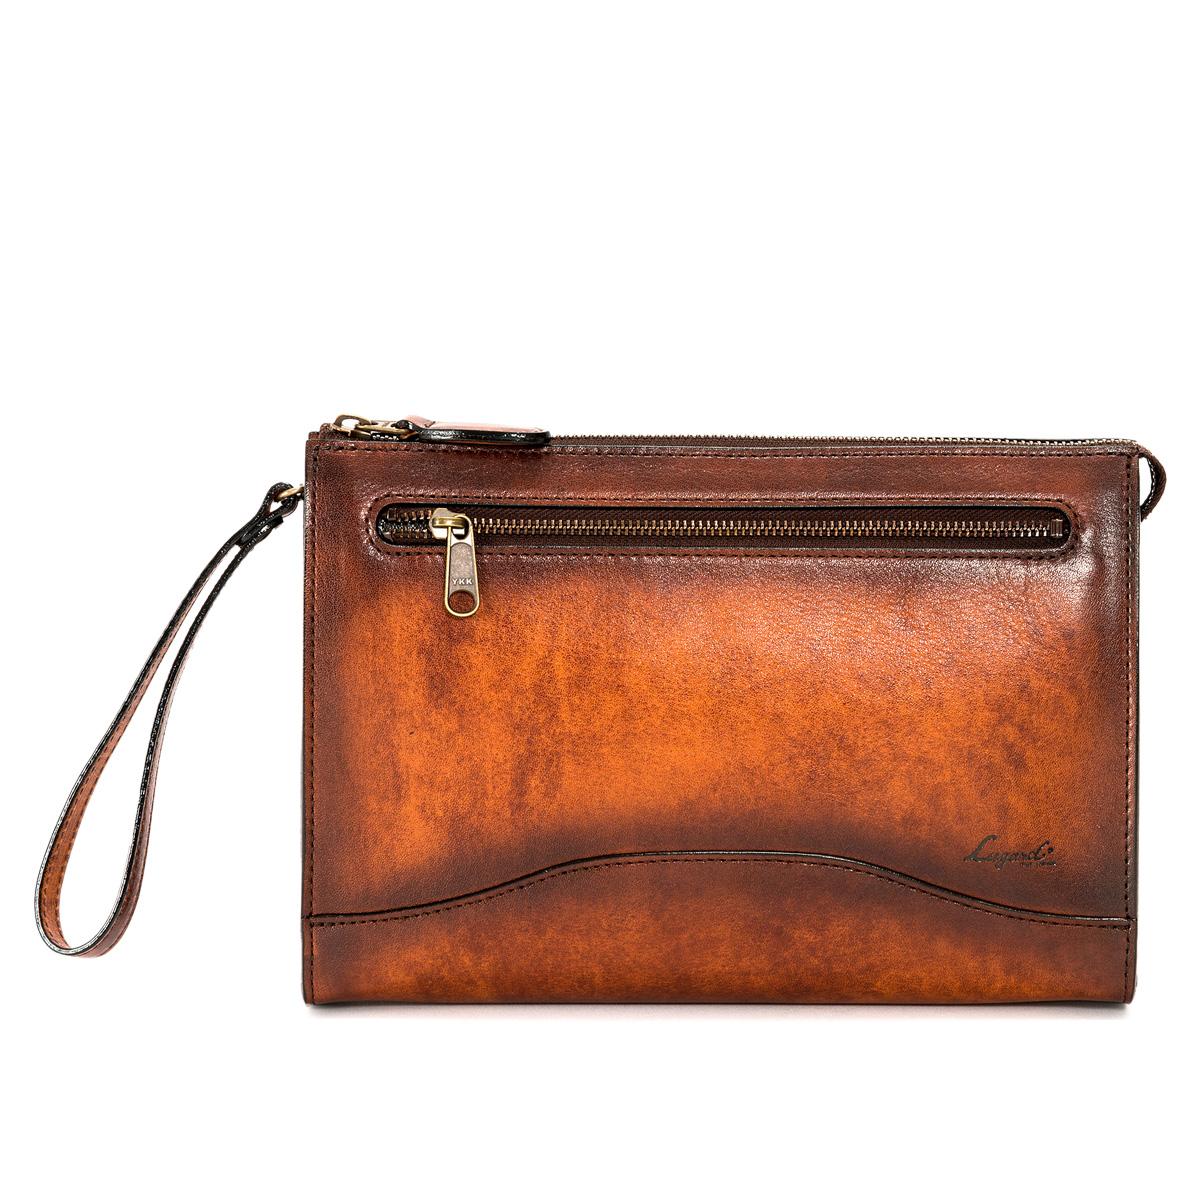 Lugard G3 CLUTCH BAG ラガード 青木鞄 ジースリー バッグ クラッチバッグ セカンドバッグ メンズ ネイビー ブラウン ボルドー 5213